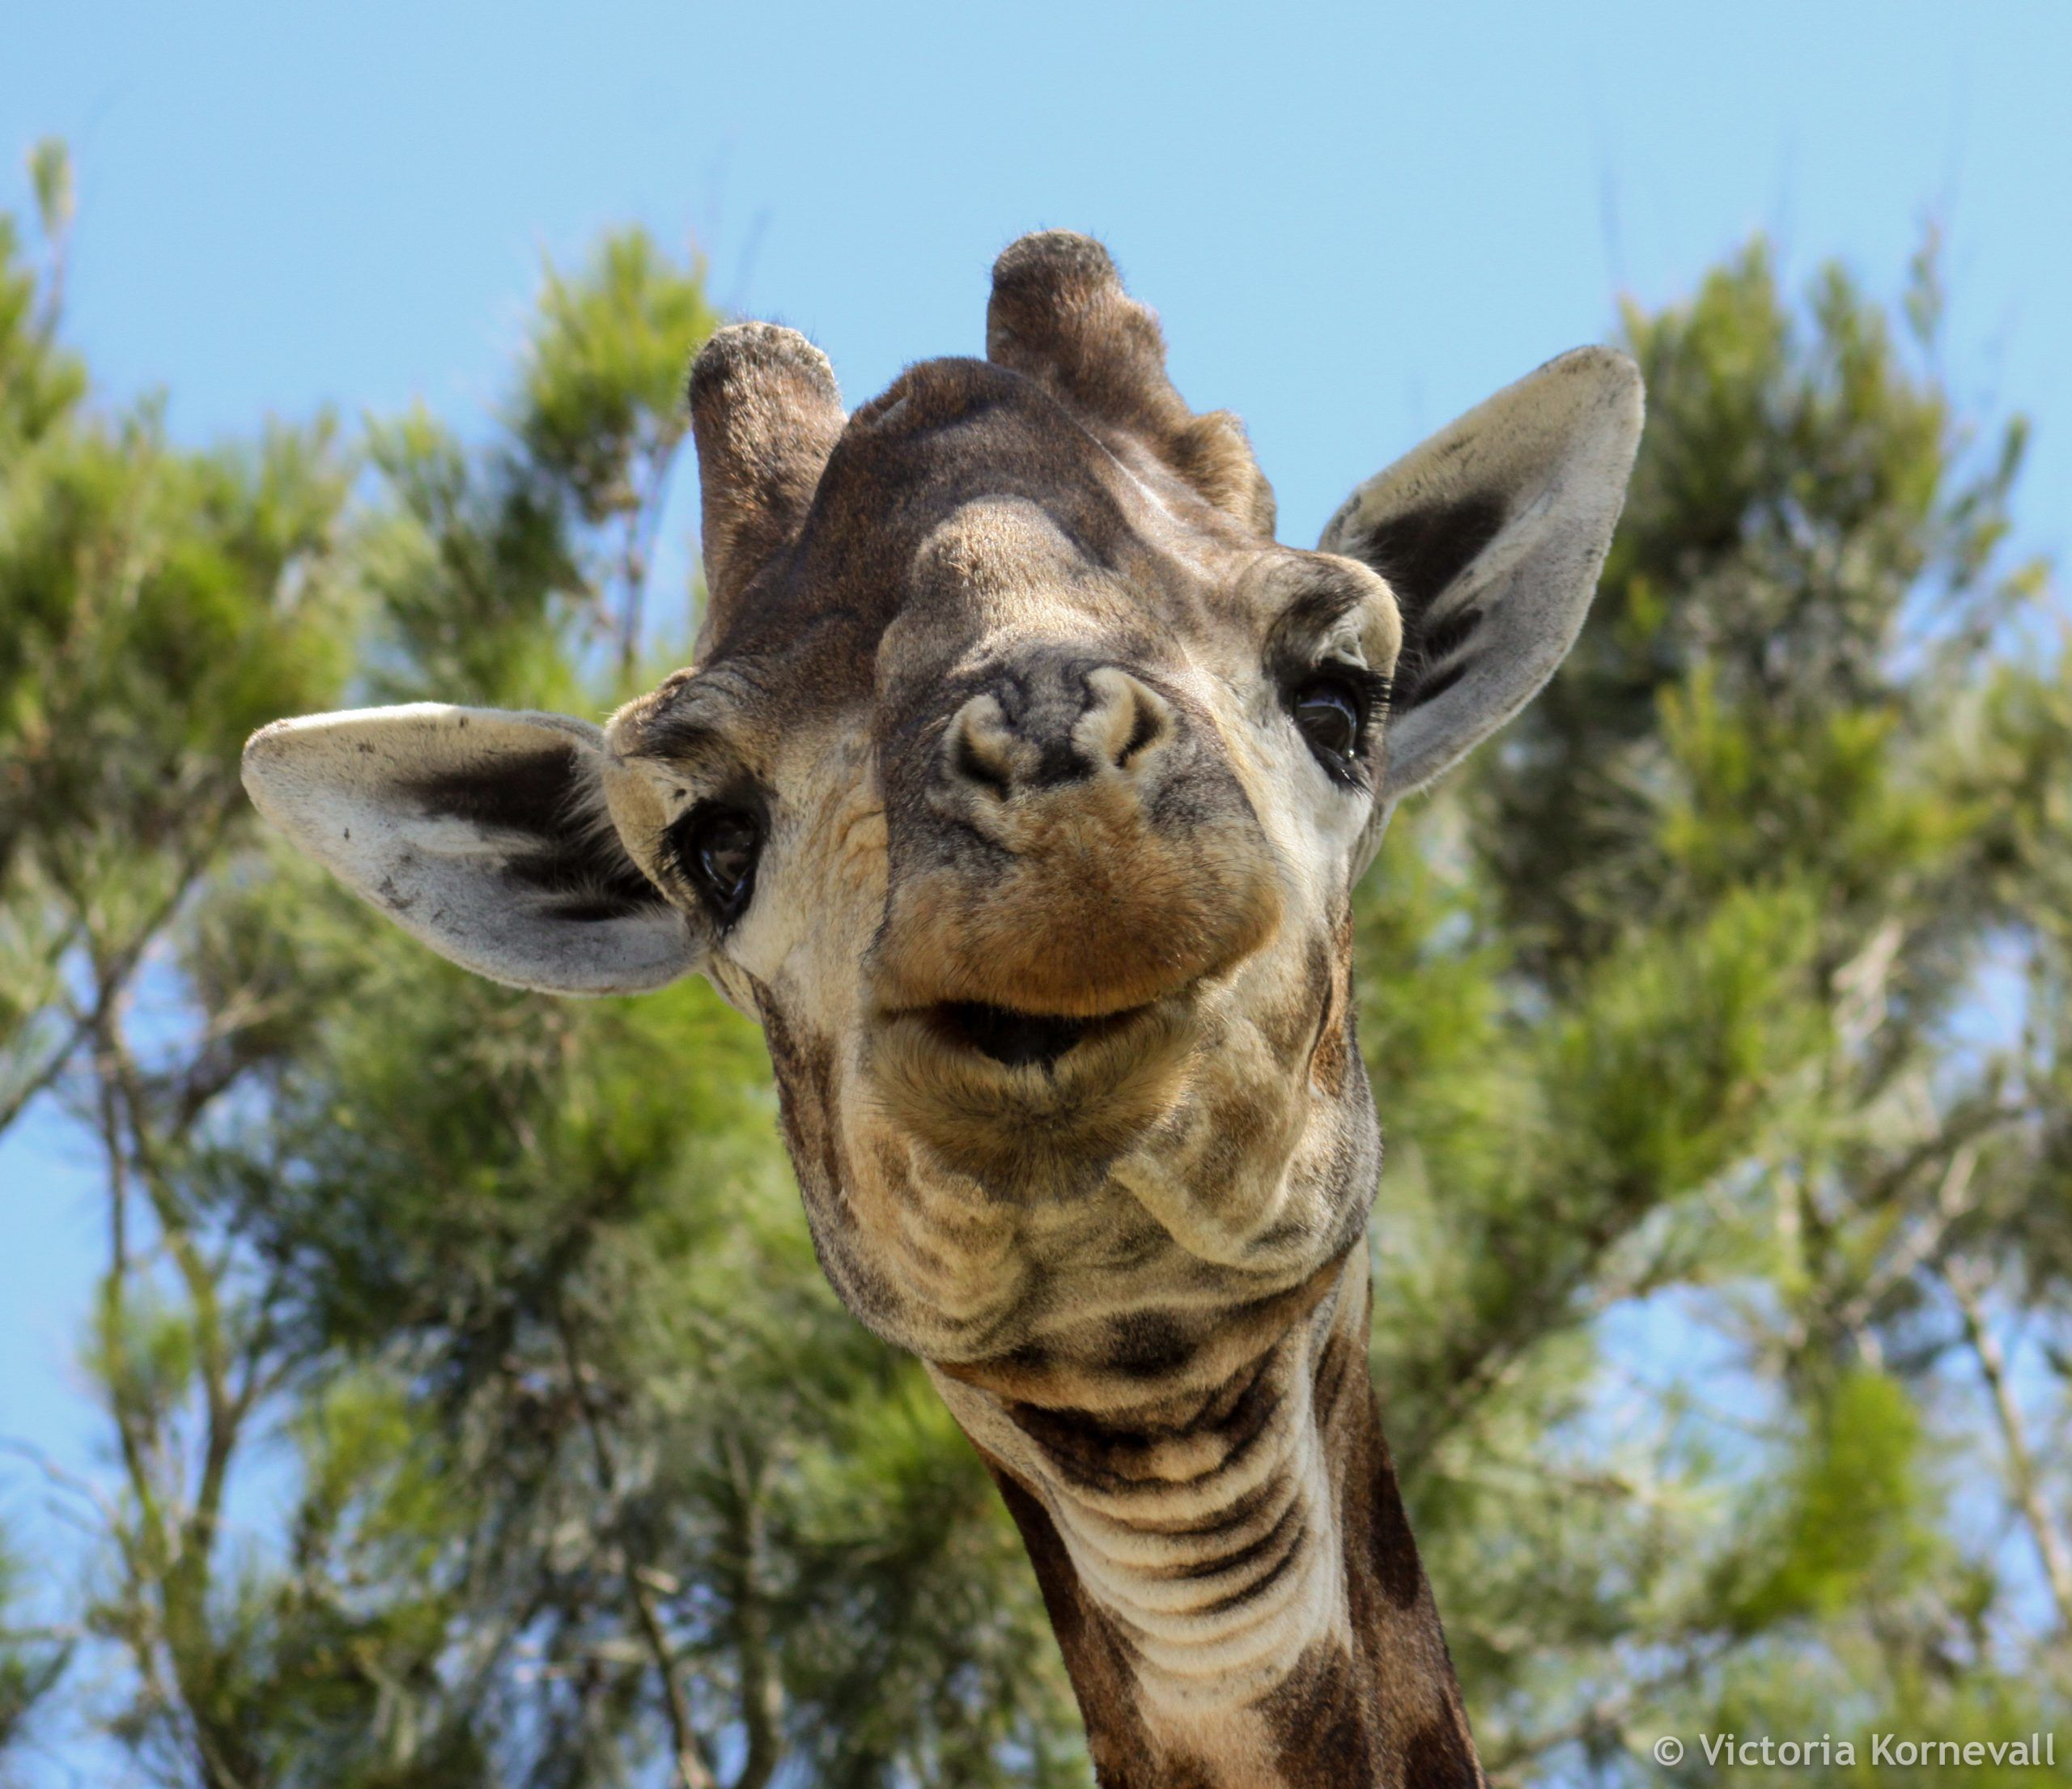 Giraffe close up in Kariega Game Reserve